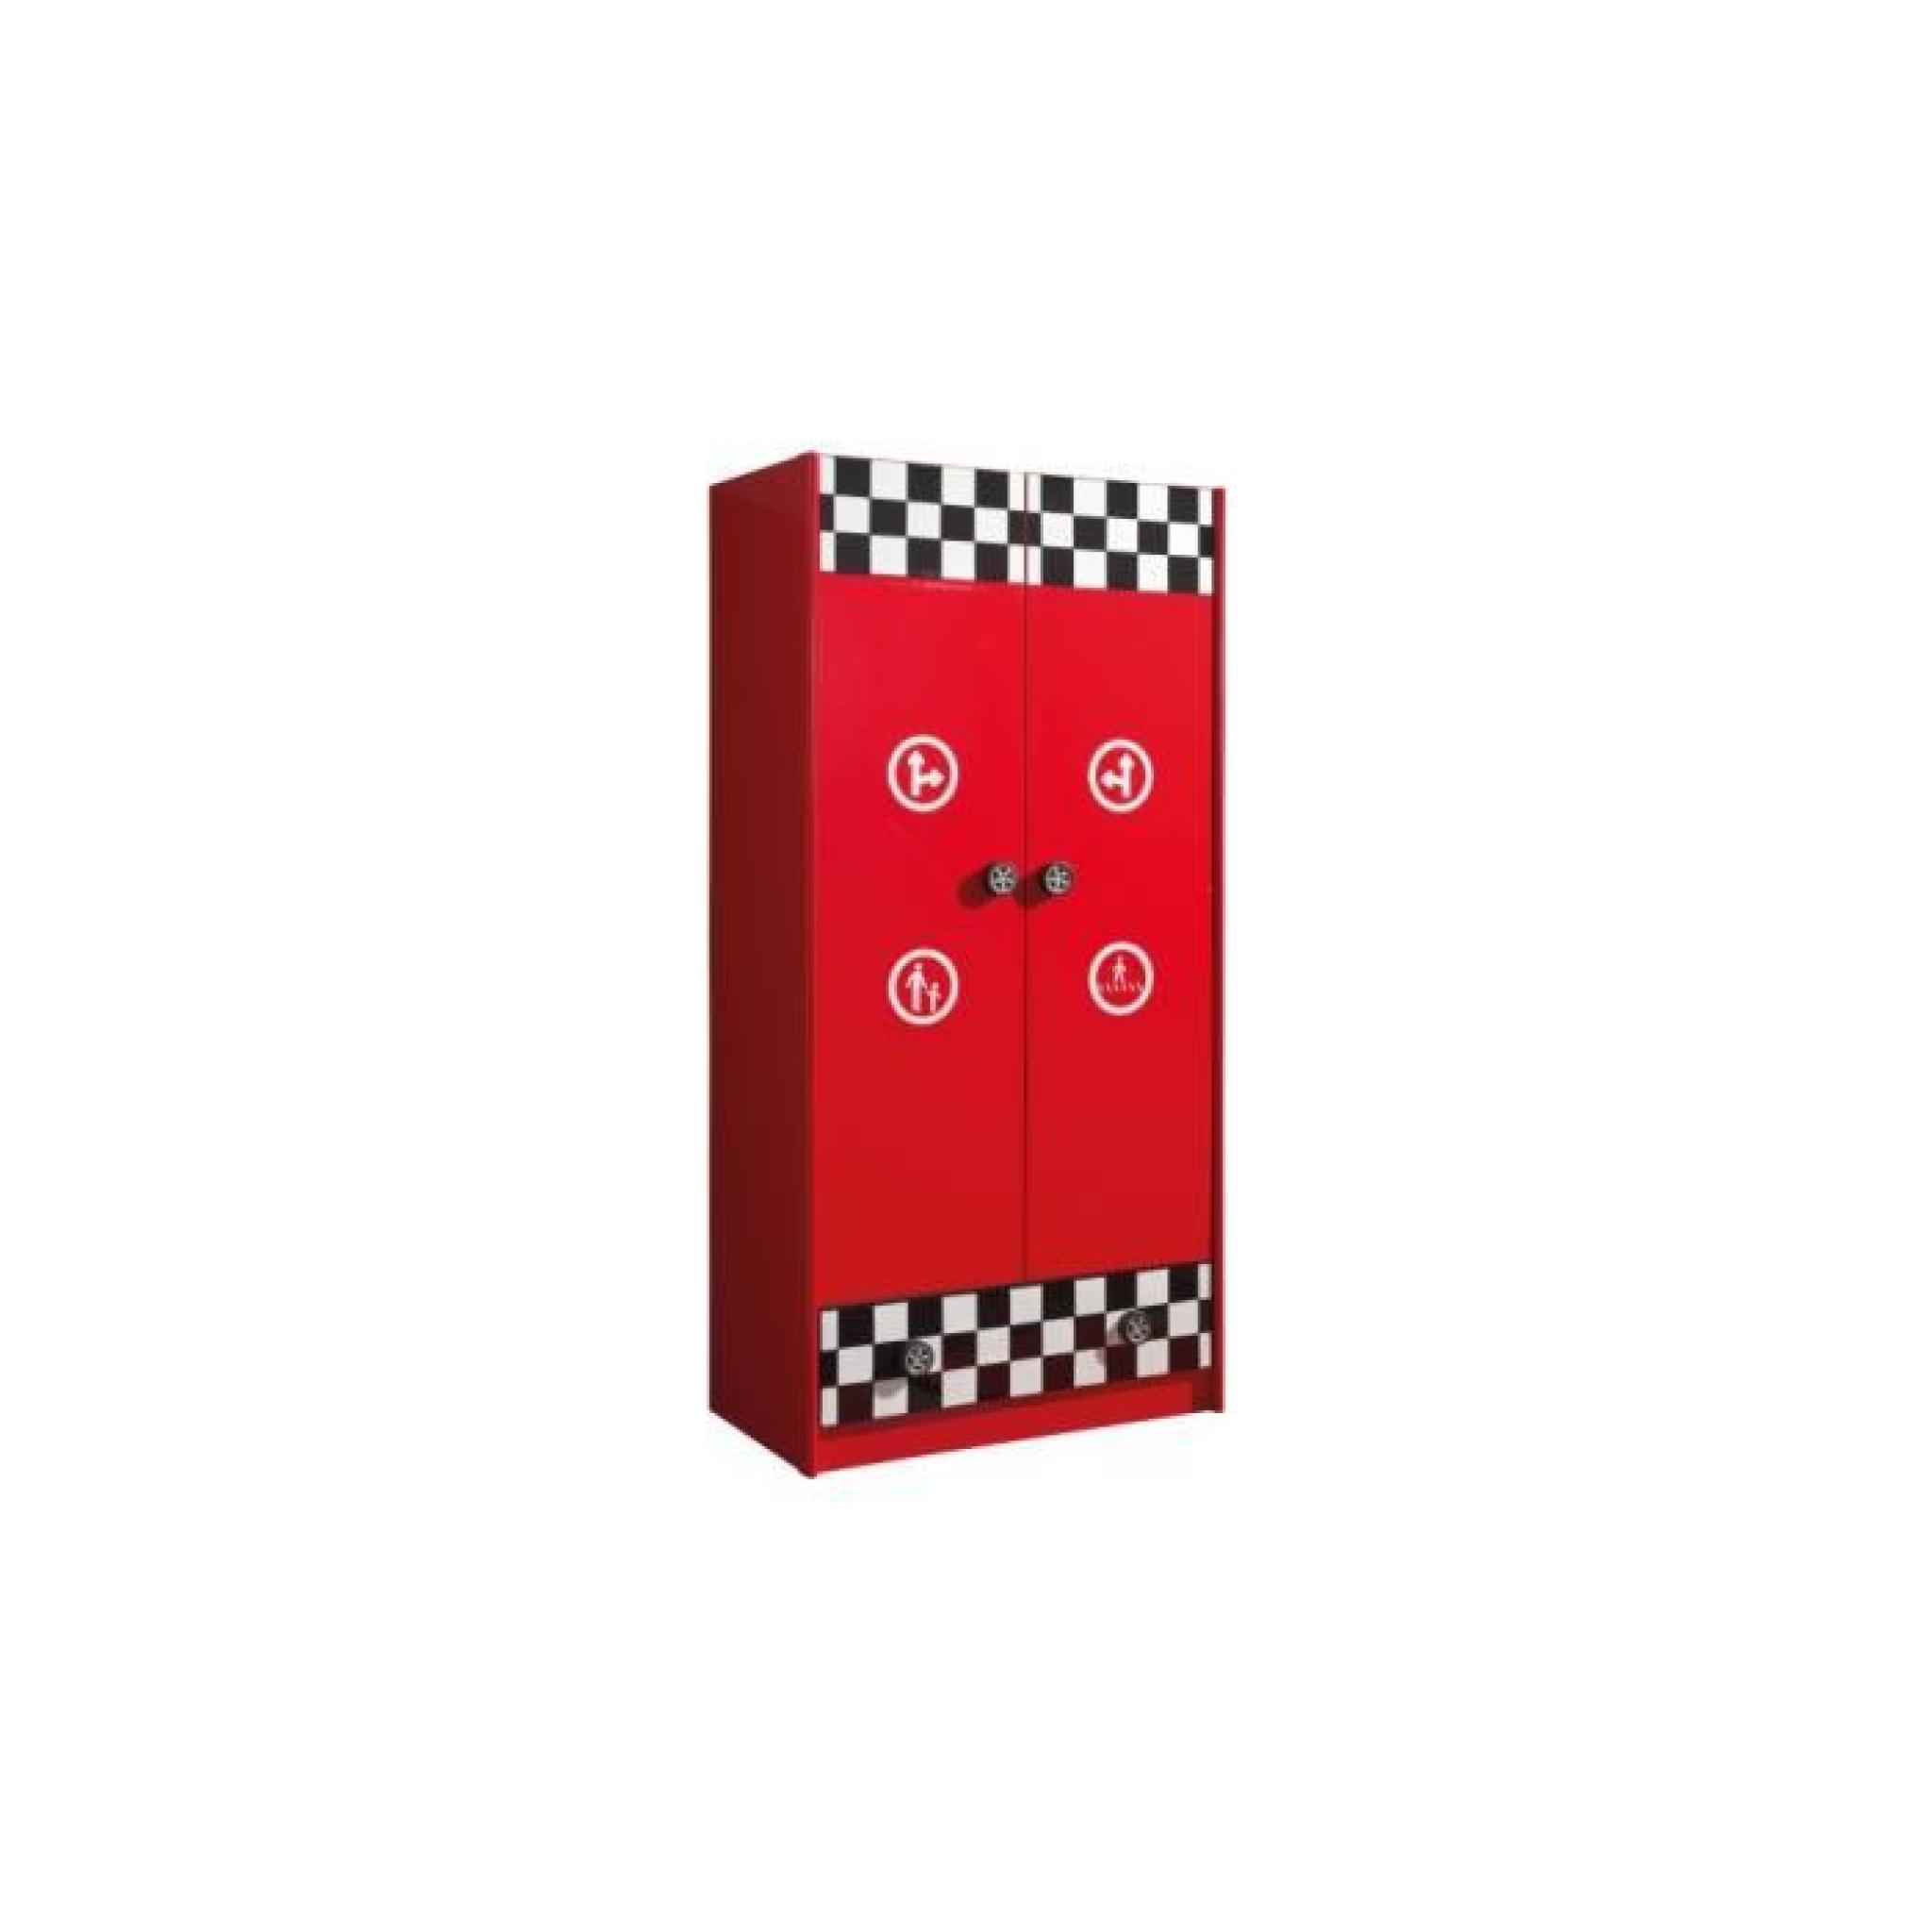 Armoire enfant pompe essence rouge 2 portes 1 tiroir achat vente armoire de - Armoire rouge enfant ...